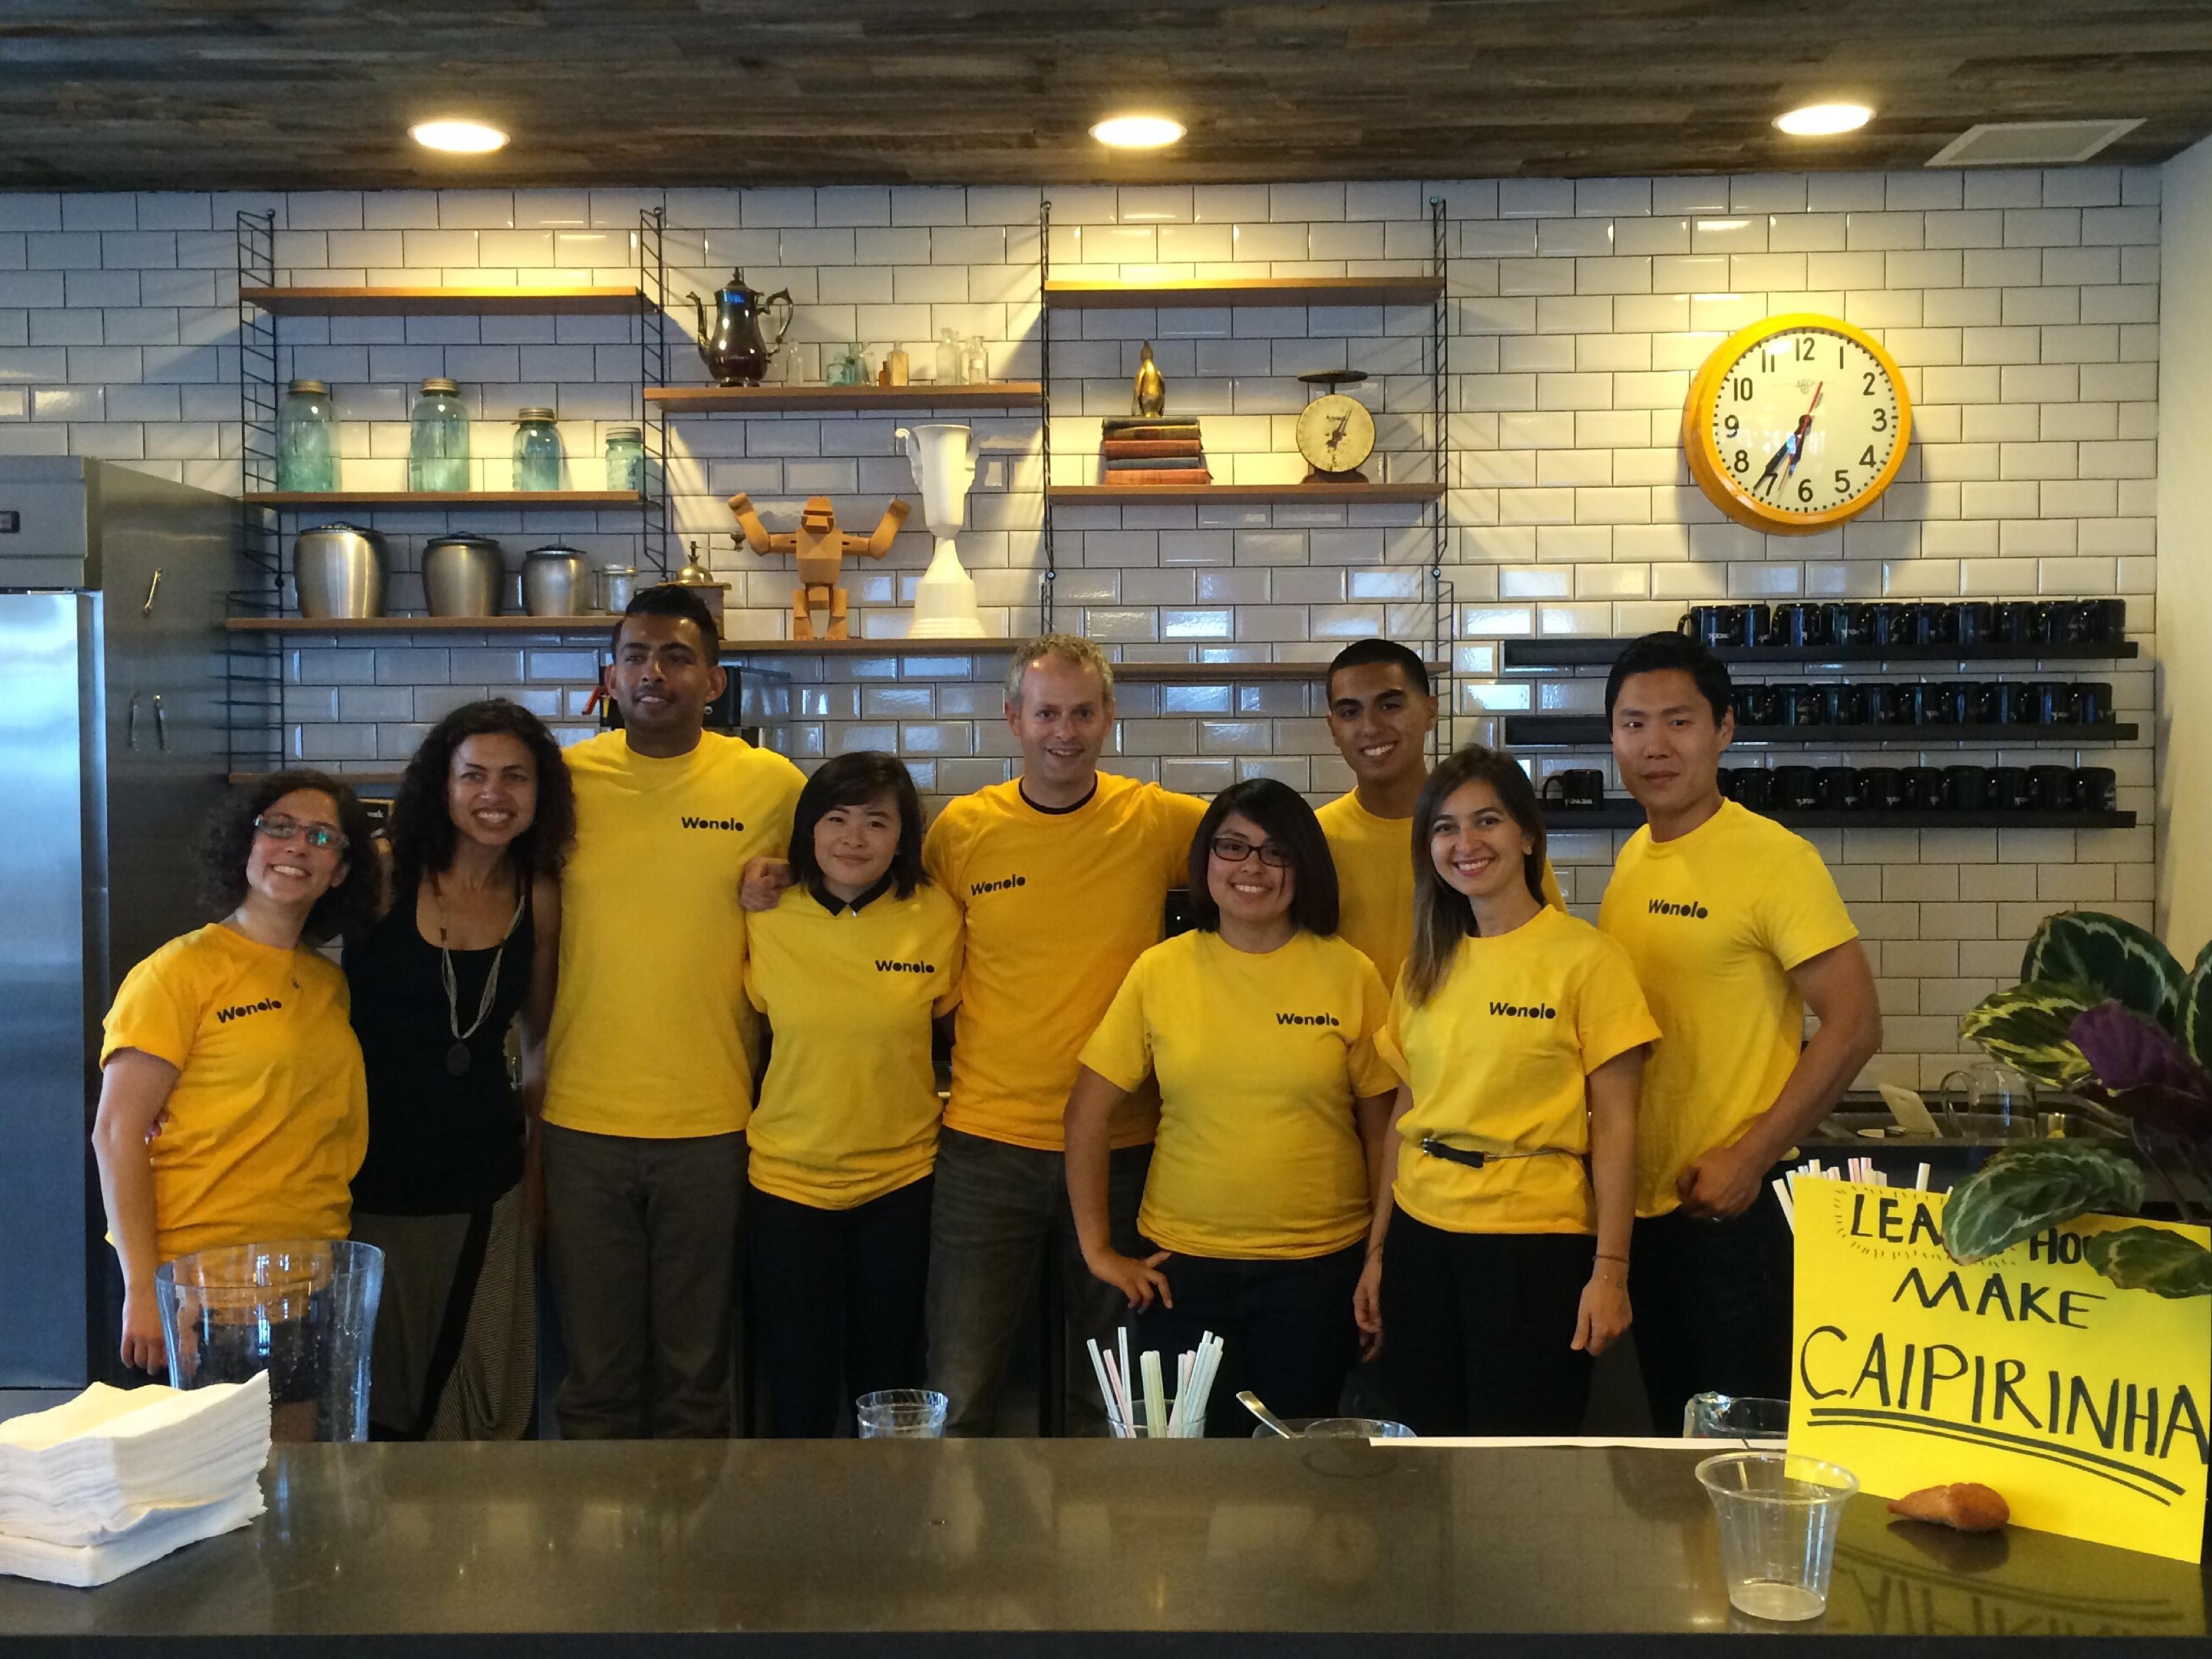 T shirt design huntsville al - Wonolo Happy Hour T Shirt Photo